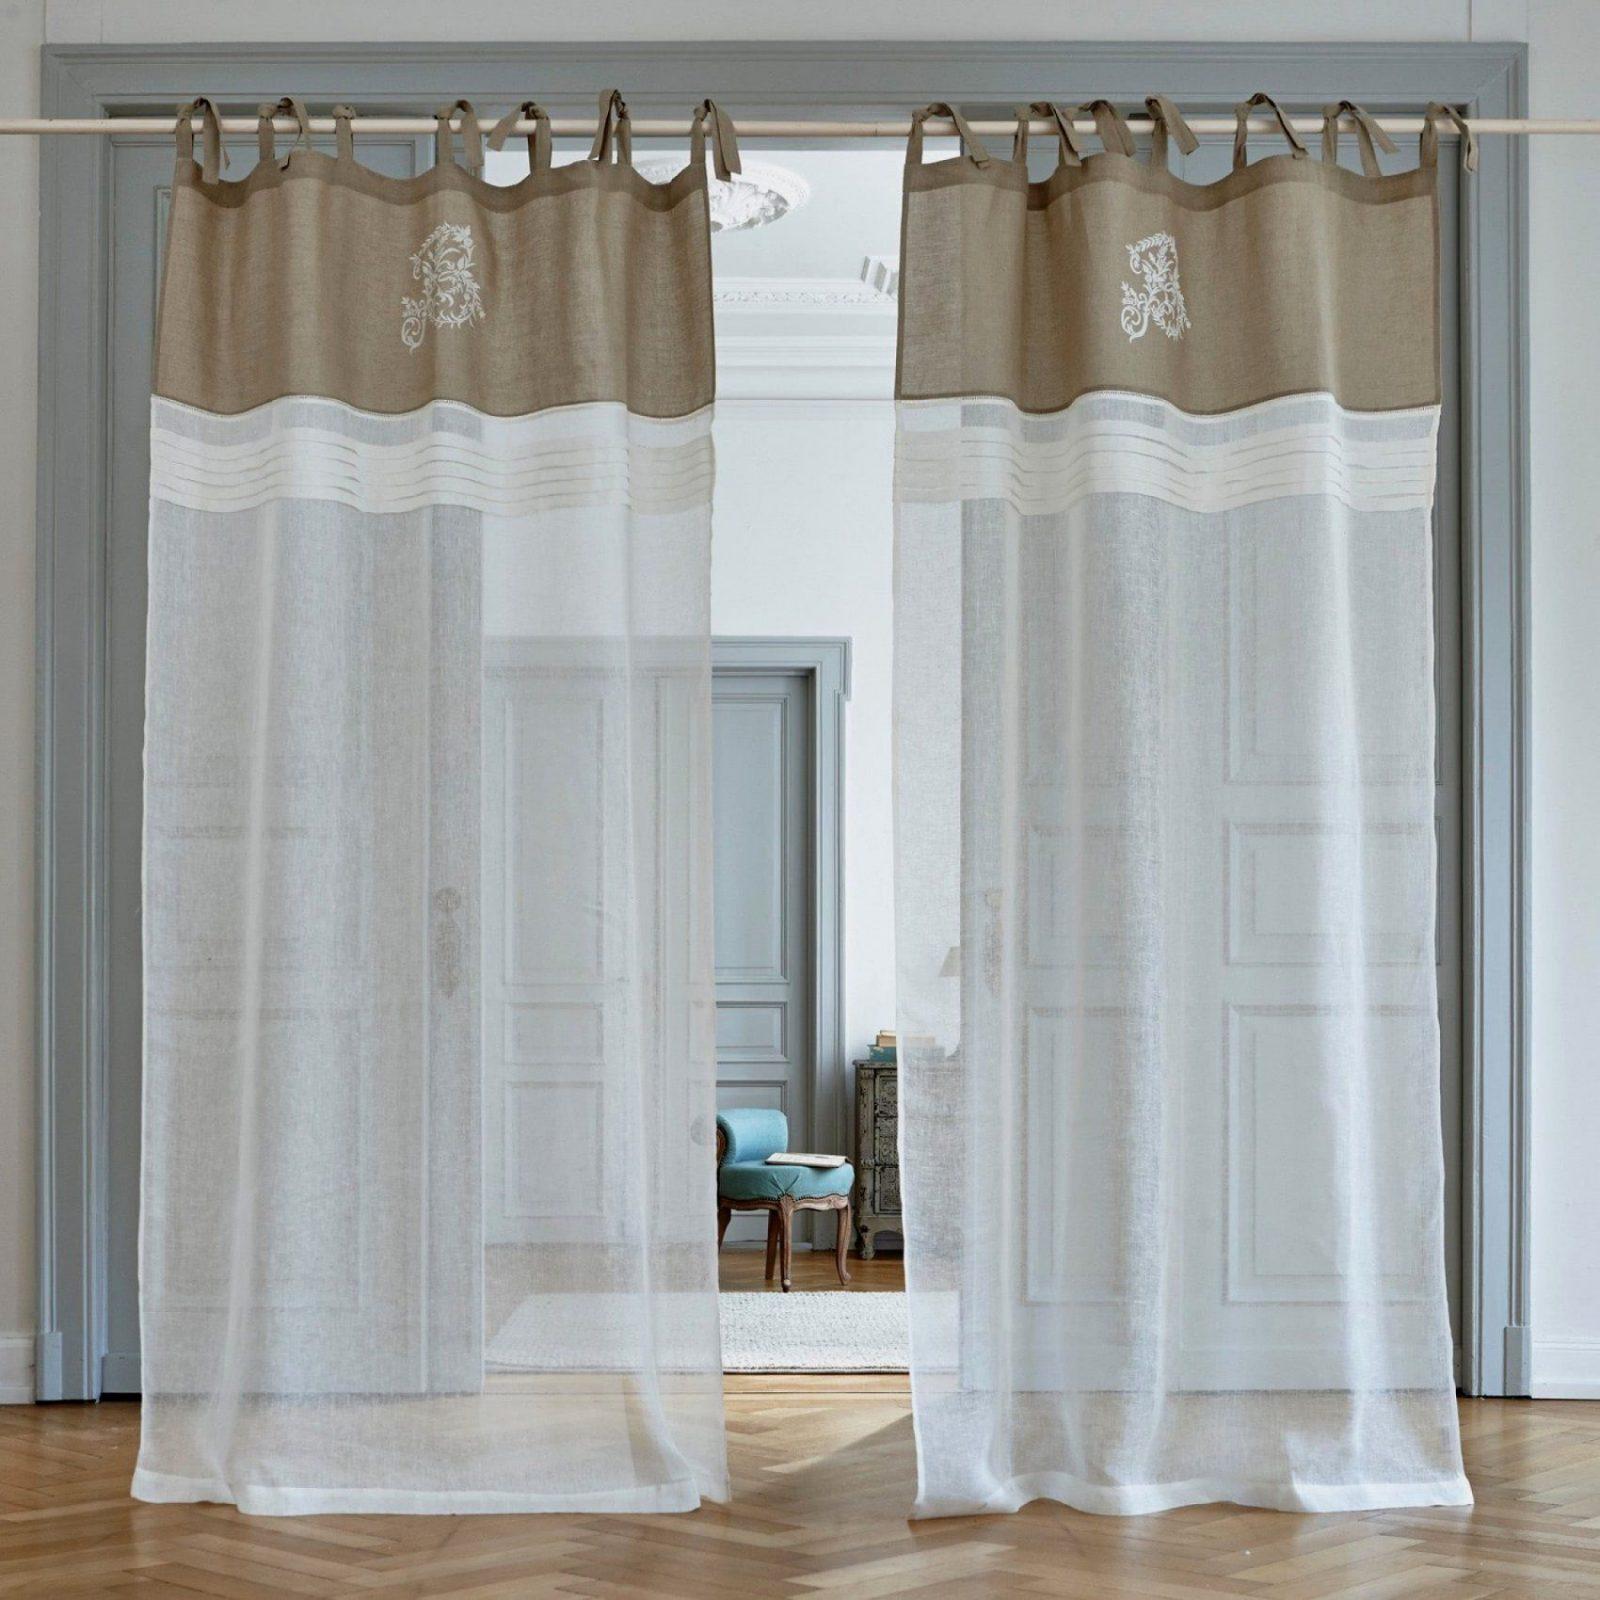 Ausgezeichnet Günstig Gardinen Tolle Gunstig Exquisit Vorhang von Gardinen Landhausstil Meterware Photo